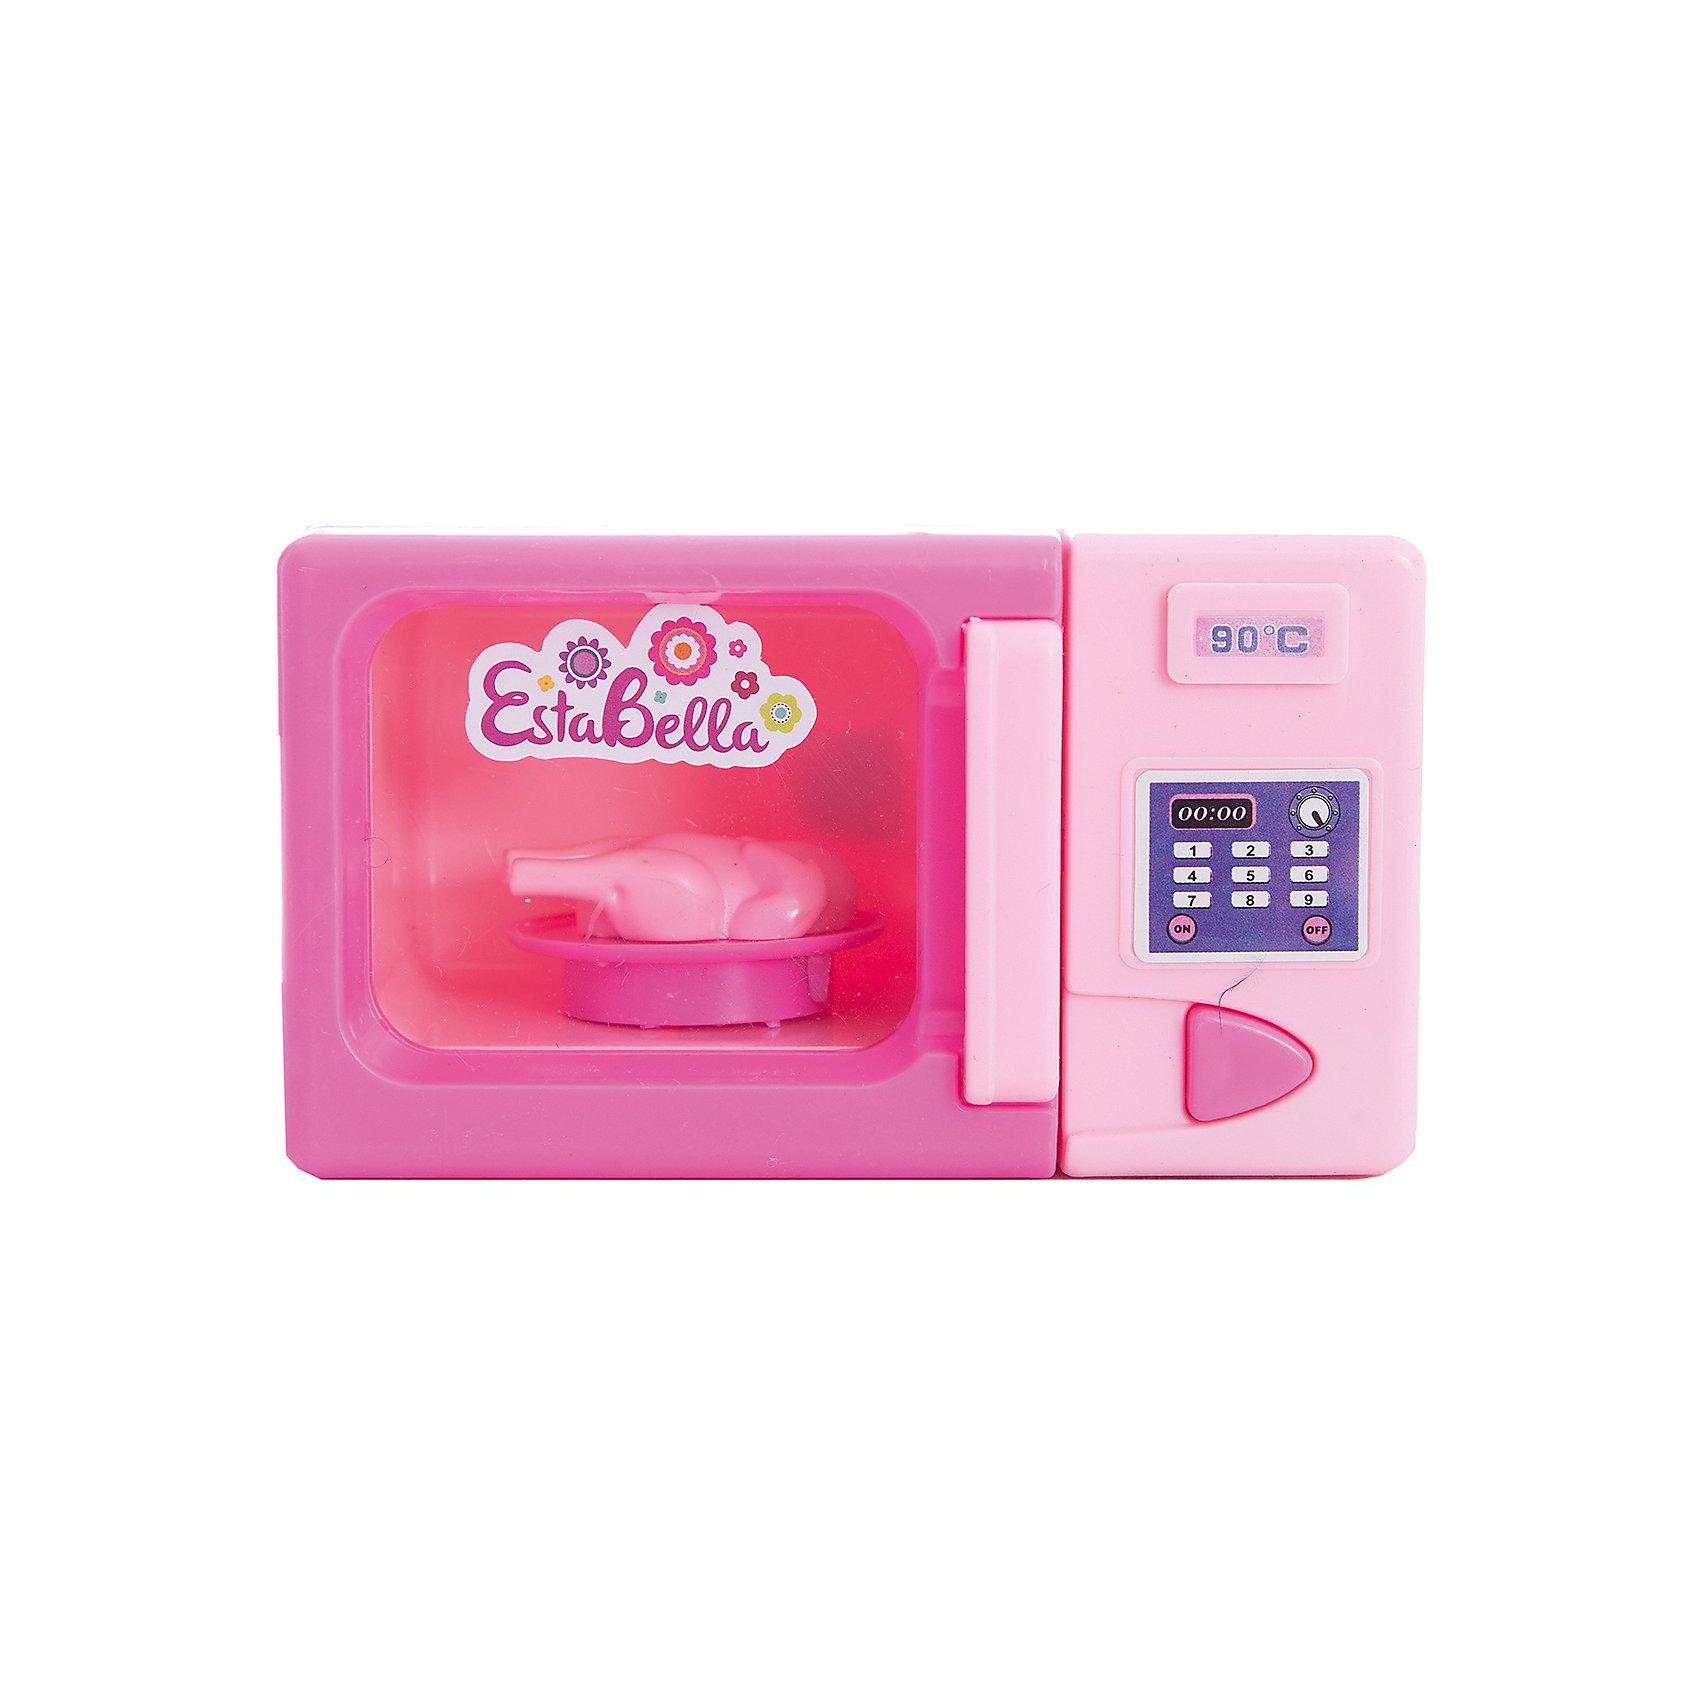 Игрушка Микроволновая печь, EstaBellaИгрушка Микроволновая печь, EstaBella (Эстабелла)<br><br>Характеристики:<br><br>• большая панель<br>• полностью безопасна для ребенка<br>• материал: пластик<br>• батарейки: АА (в комплект не входят)<br>• вес: 200 грамм<br>• размер упаковки: 15х8х16 см<br><br>Каждая хозяйка знает, что еда всегда должна быть горячей. Суп кукол остыл? Не беда! Микроволновая печь EstaBella с легкостью справится с этой проблемой. На панели вы найдете различные кнопочки, имитирующие множество программ. Печь оснащена индикатором температуры. Игрушка изготовлена из качественного пластика, безопасного для ребенка.<br><br>Игрушку Микроволновая печь, EstaBella (Эстабелла) можно купить в нашем интернет-магазине.<br><br>Ширина мм: 160<br>Глубина мм: 80<br>Высота мм: 150<br>Вес г: 200<br>Возраст от месяцев: 36<br>Возраст до месяцев: 120<br>Пол: Женский<br>Возраст: Детский<br>SKU: 5017650